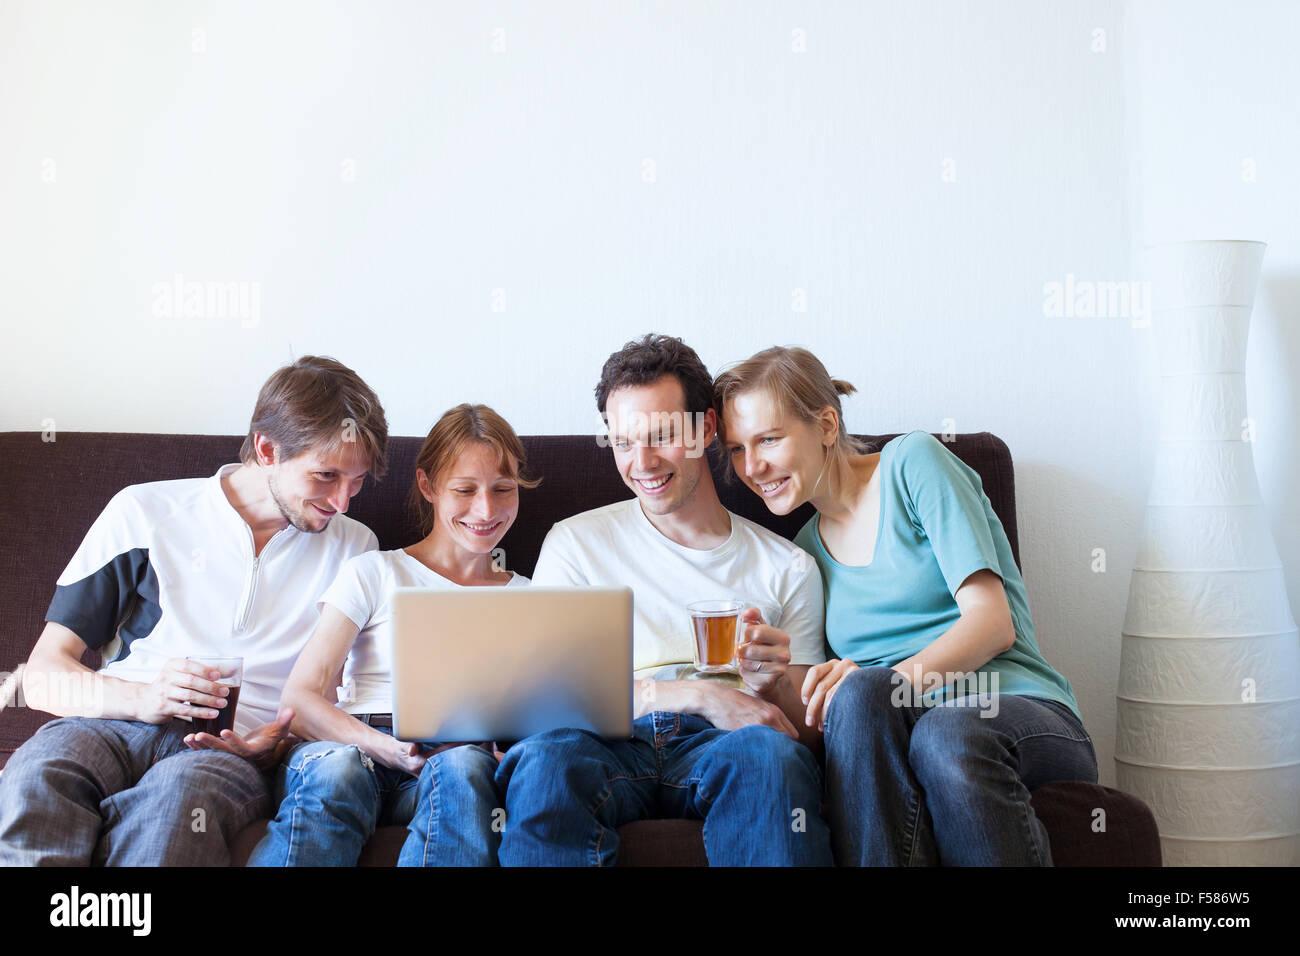 Groupe d'amis, regarder la télévision et smiling Photo Stock